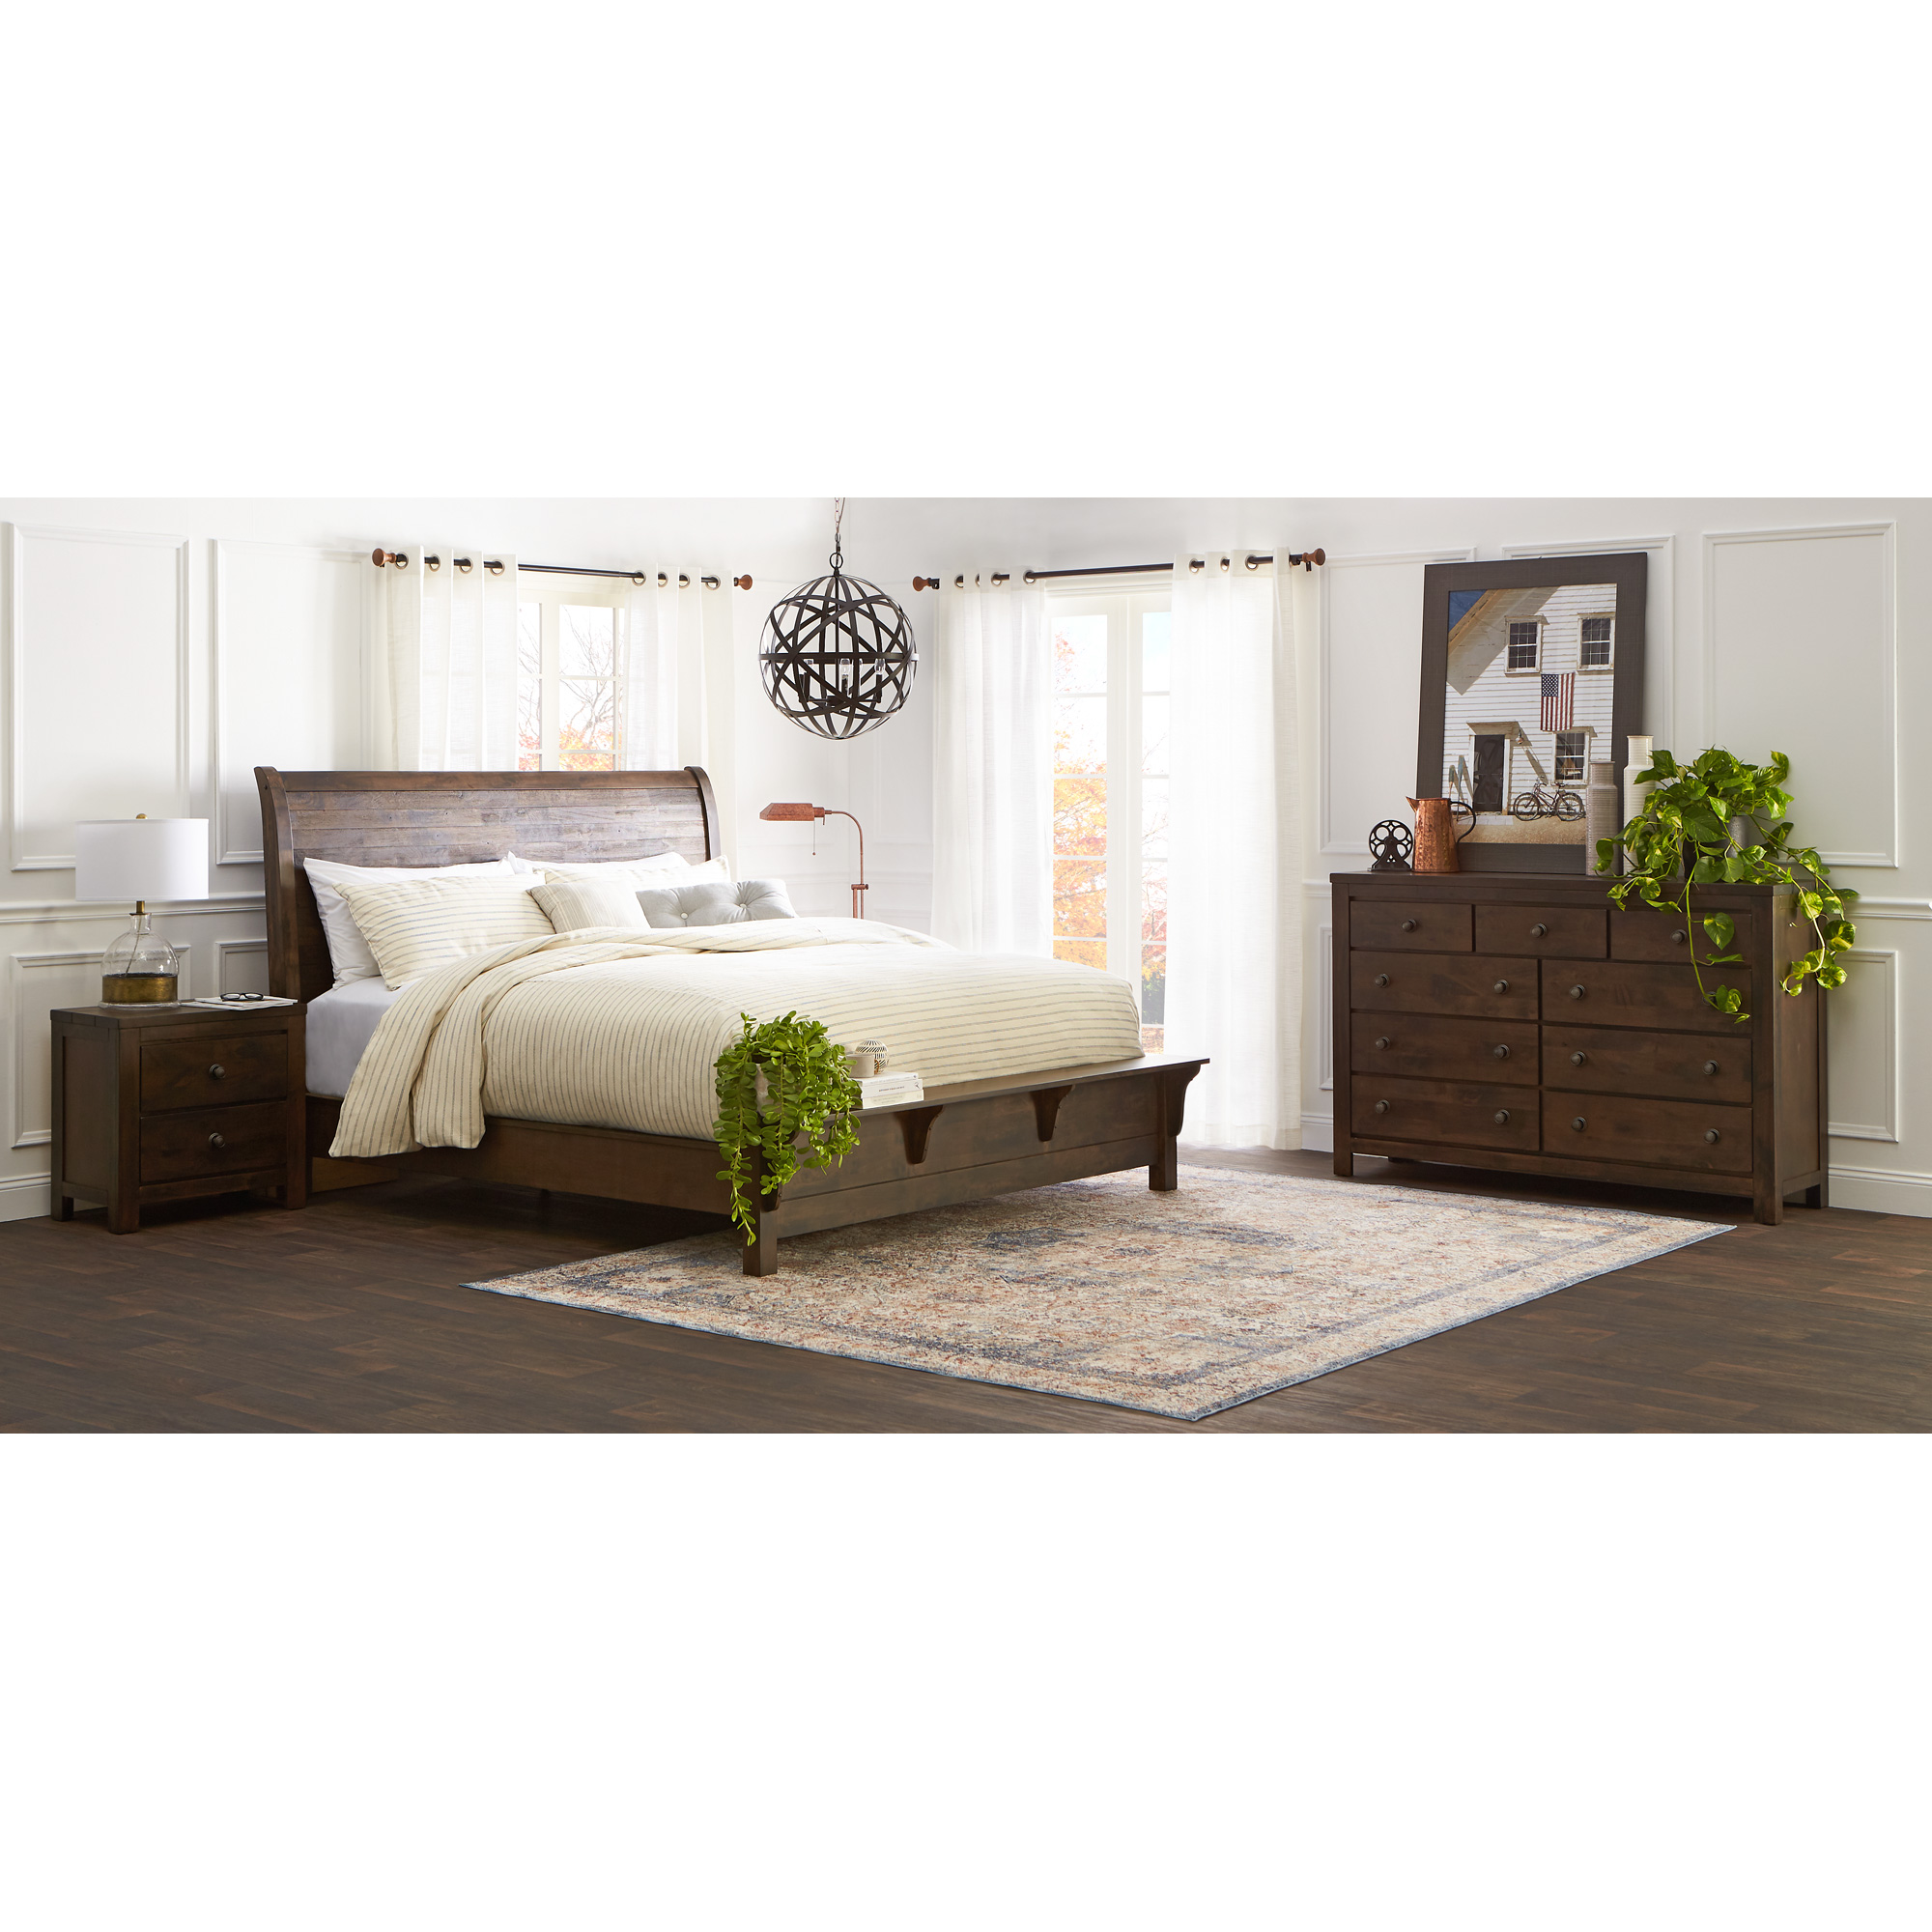 New Classic | Blue Ridge Rustic Gray Queen 4 Piece Room Group Bedroom Set